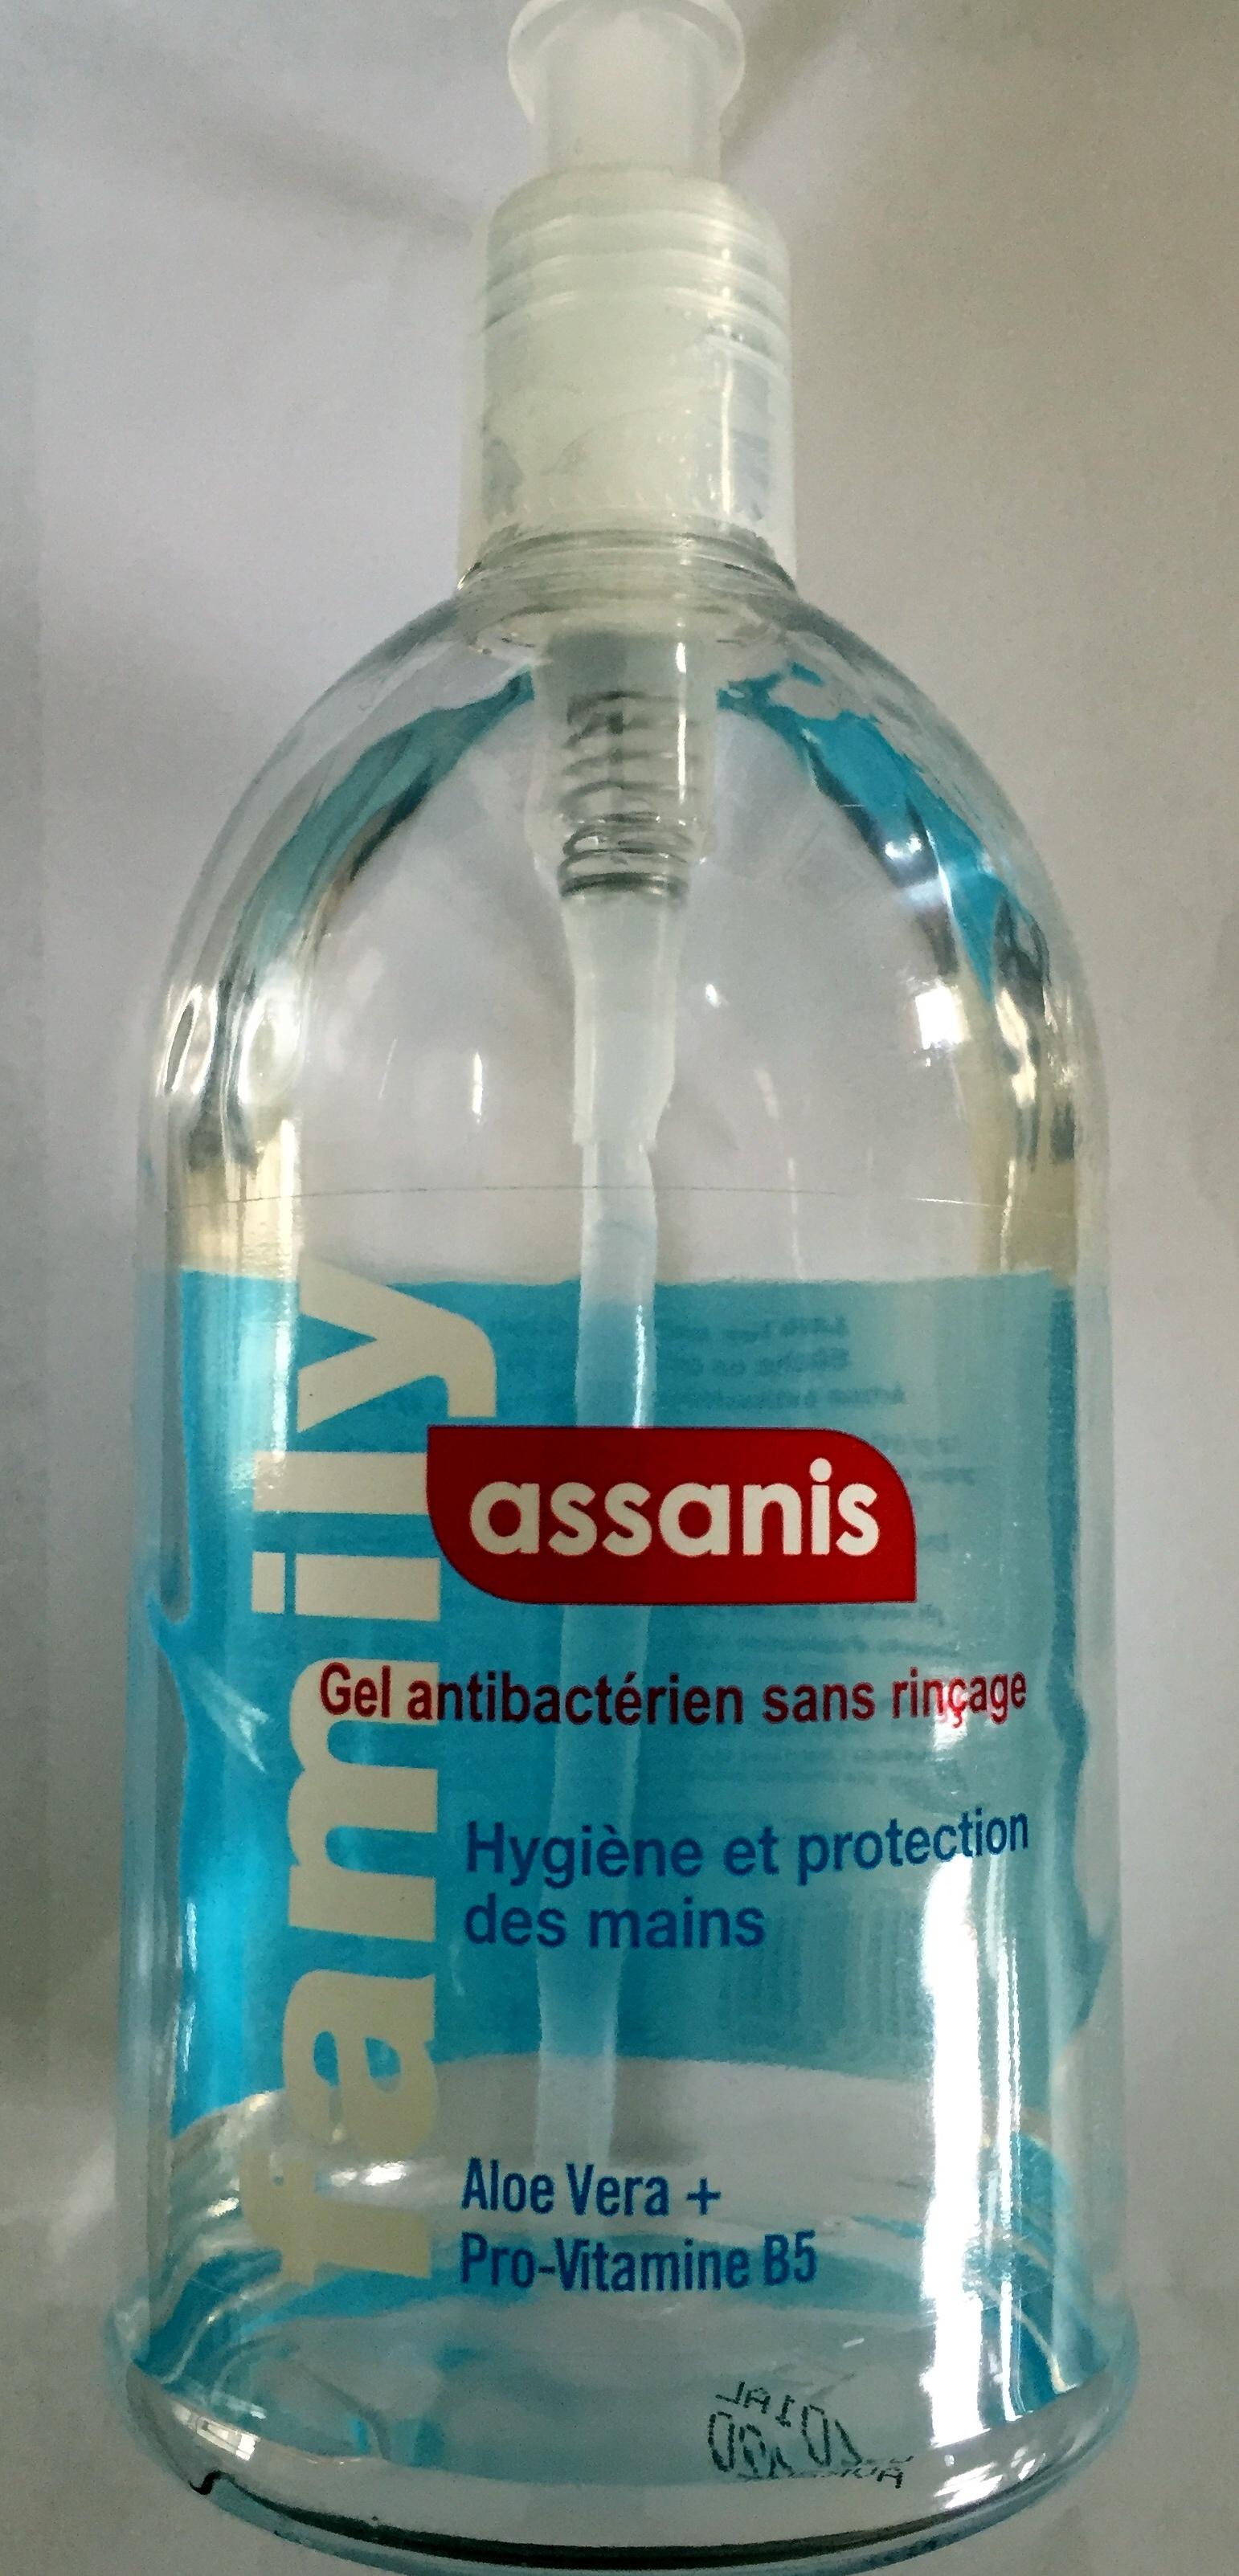 Gel antibactérien sans rinçage - Produit - fr